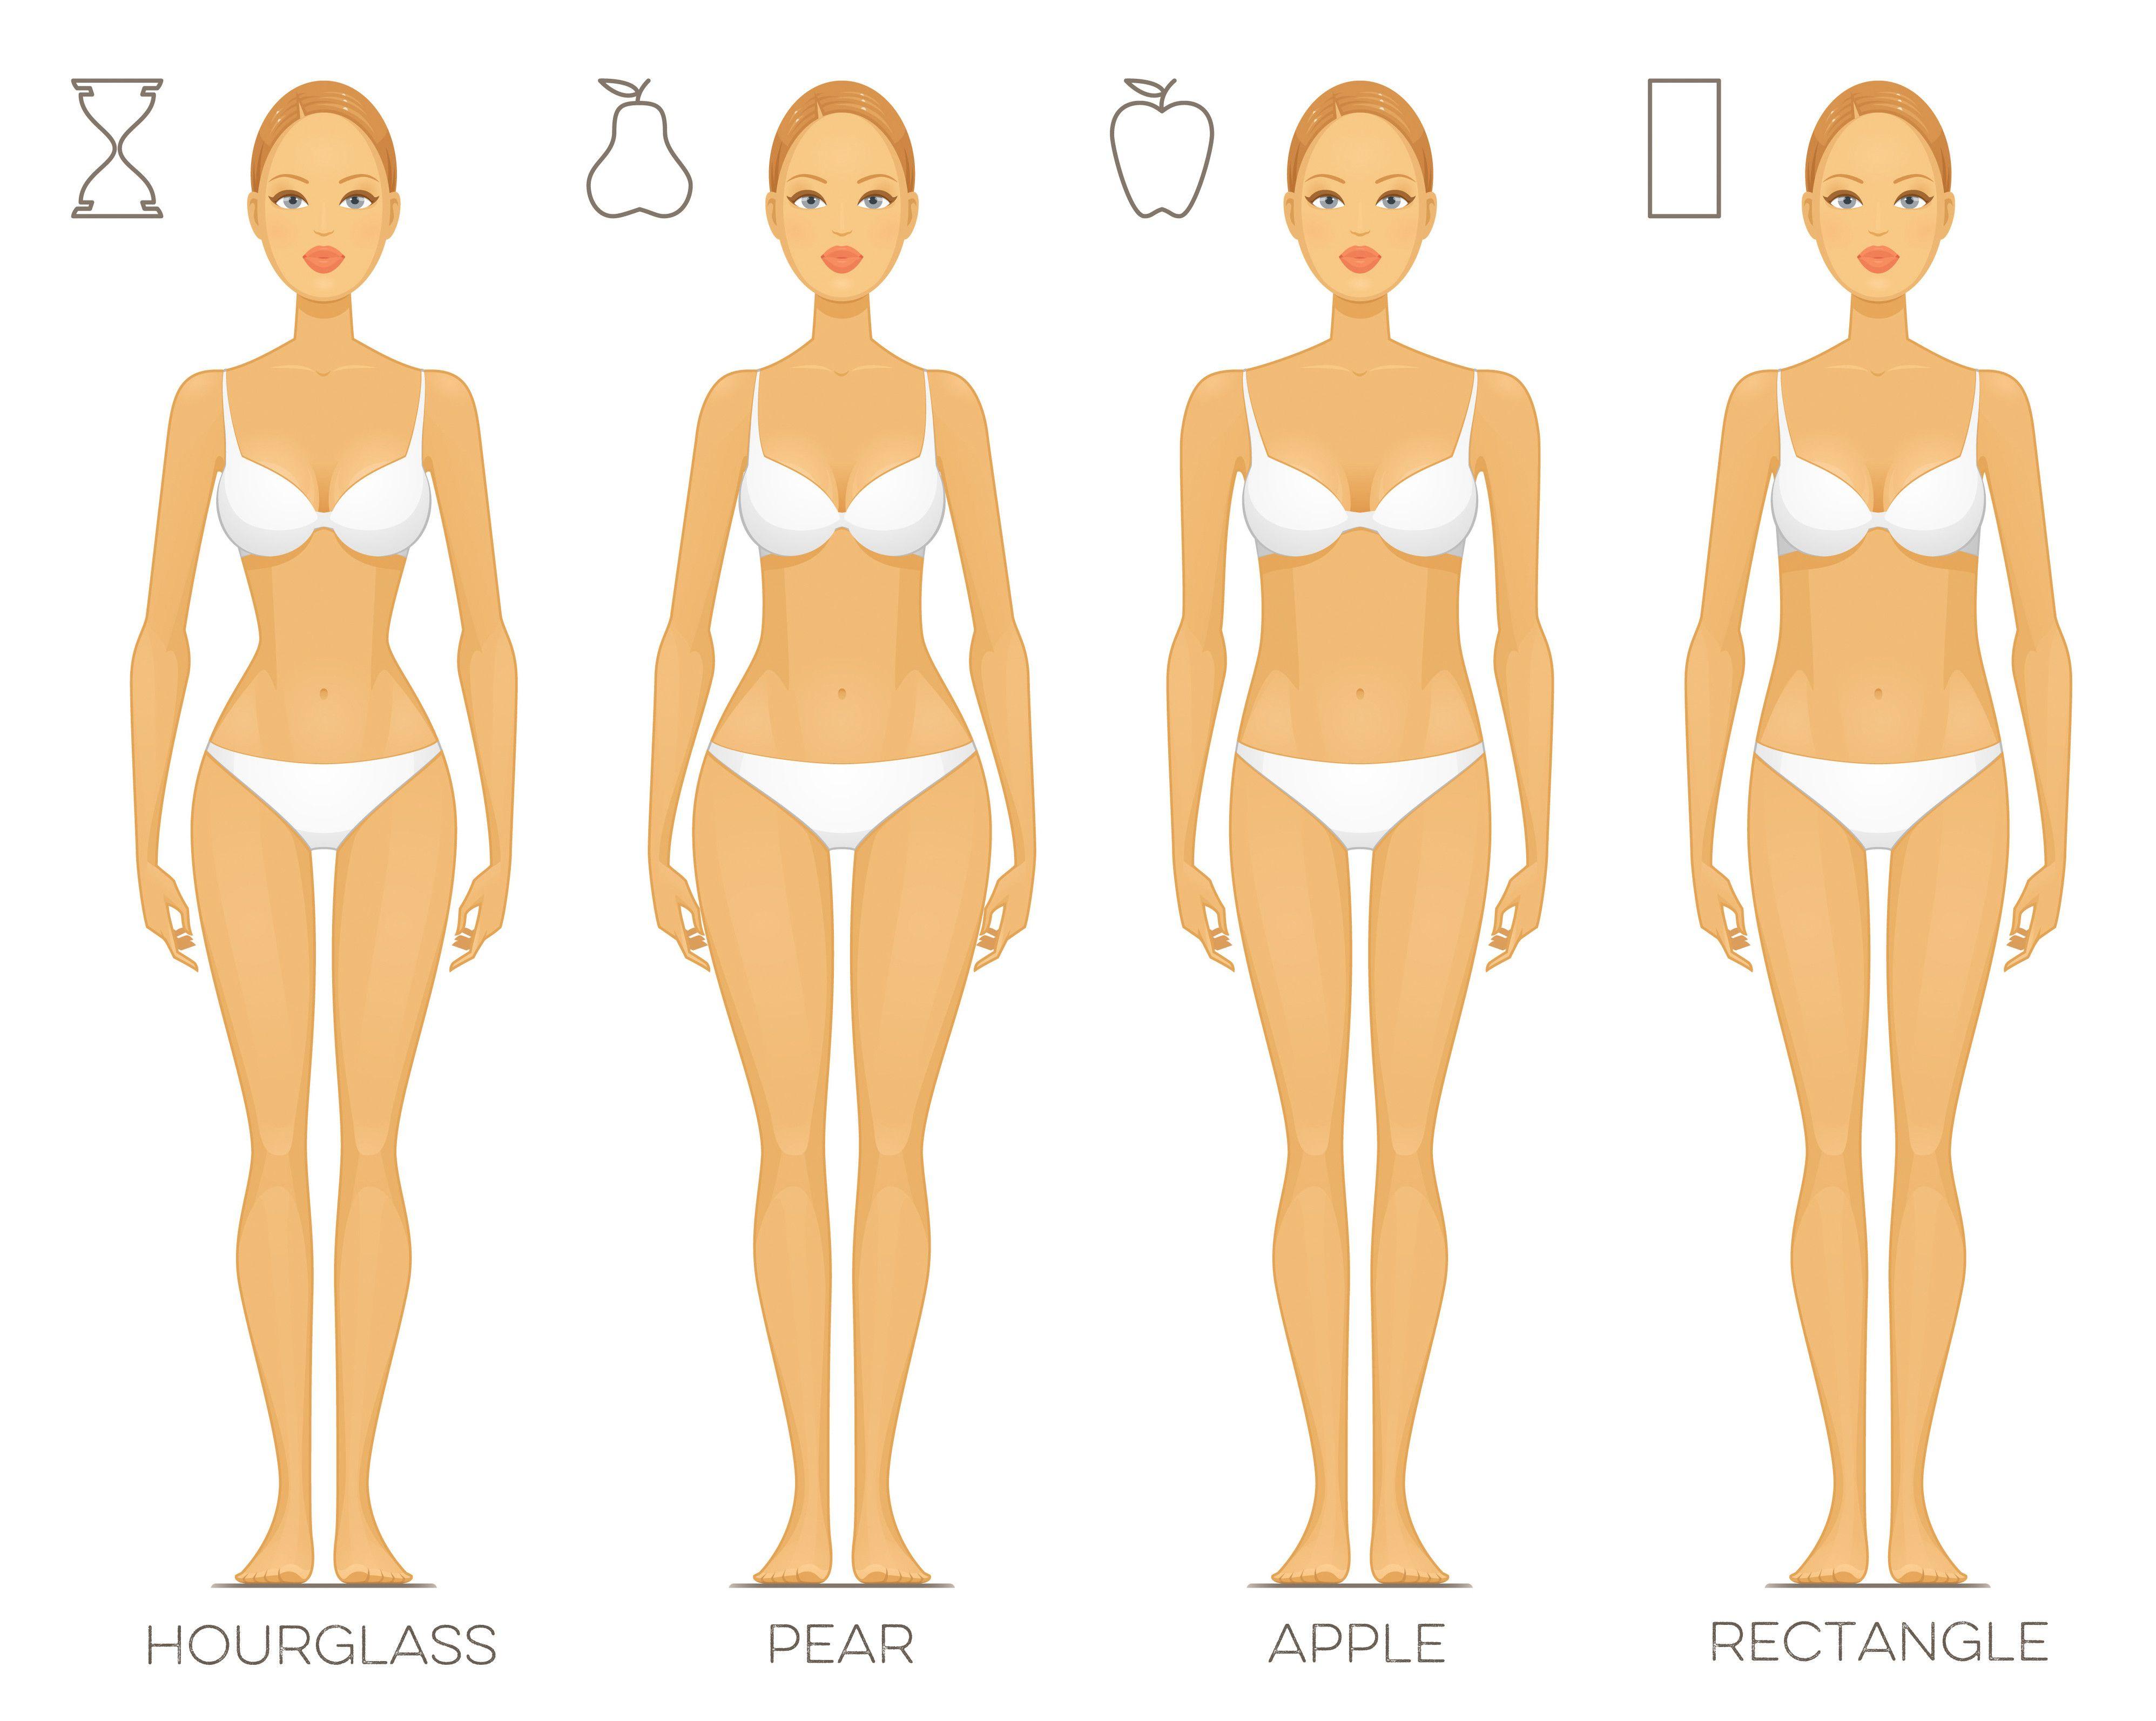 Фигура Формы Груши Как Похудеть. Как правильно худеть девушке с типом фигуры Груша?